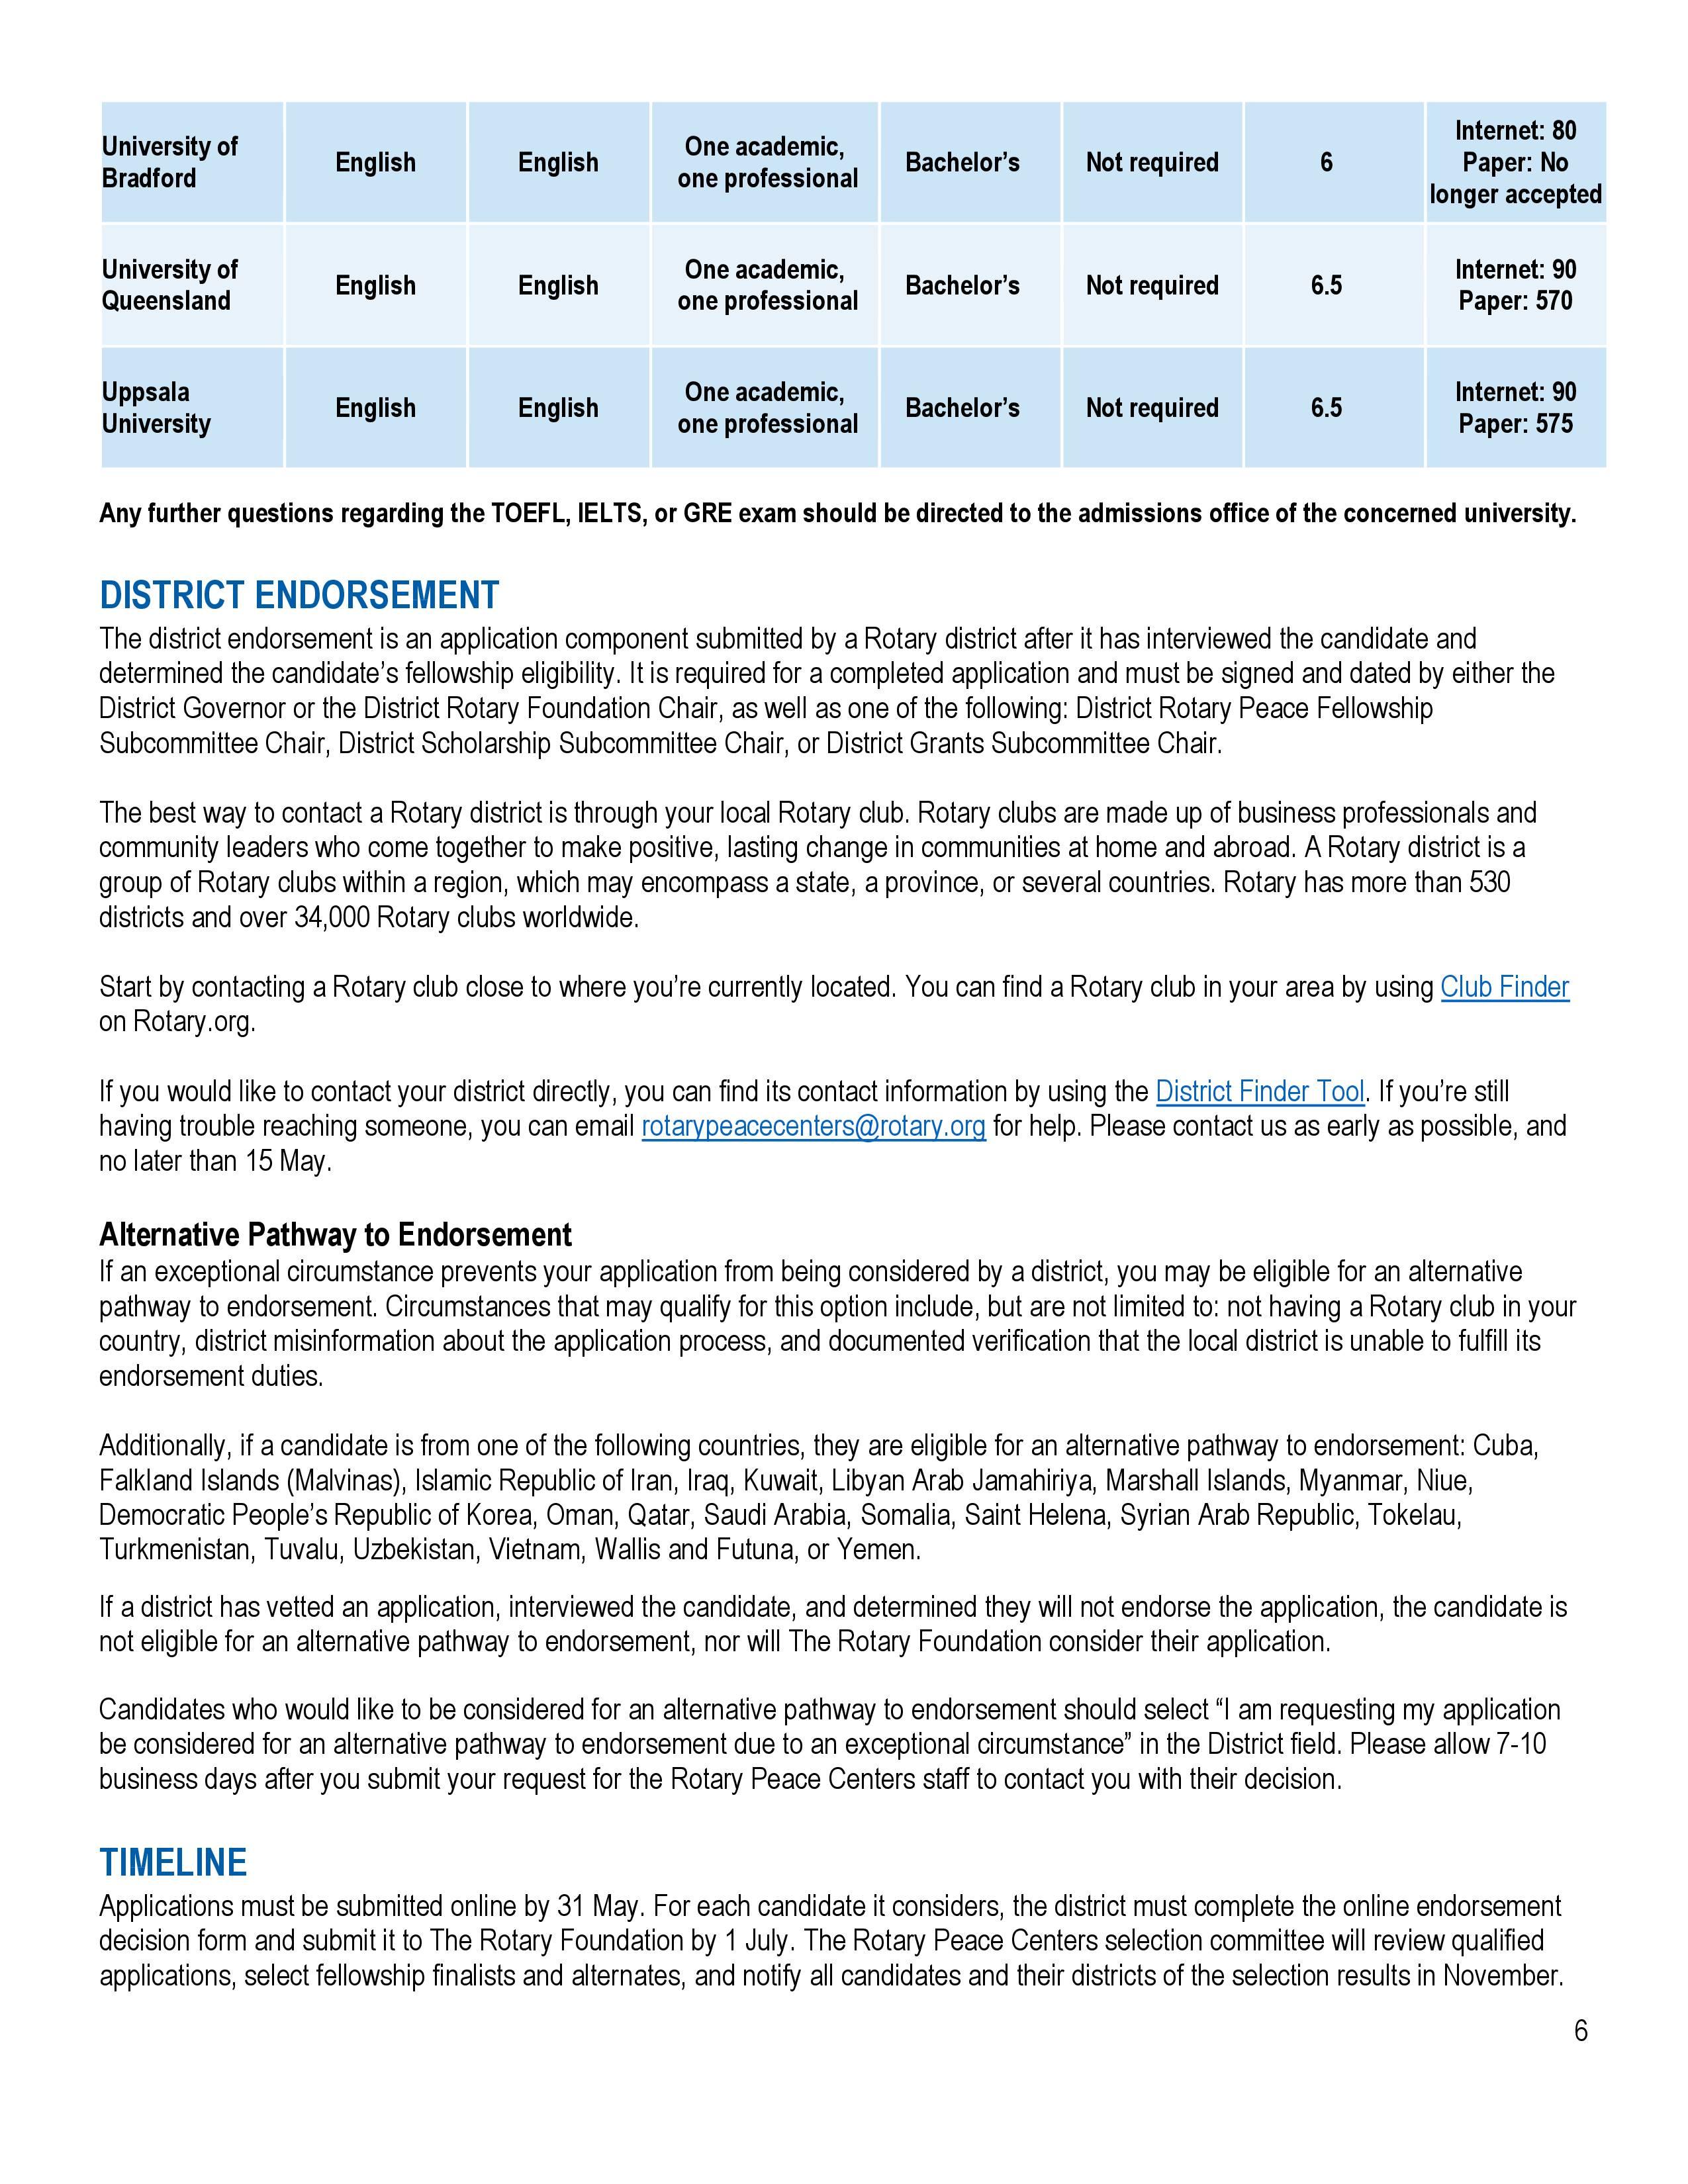 3-requisitos para aplicar a las becas propaz en ingles-6